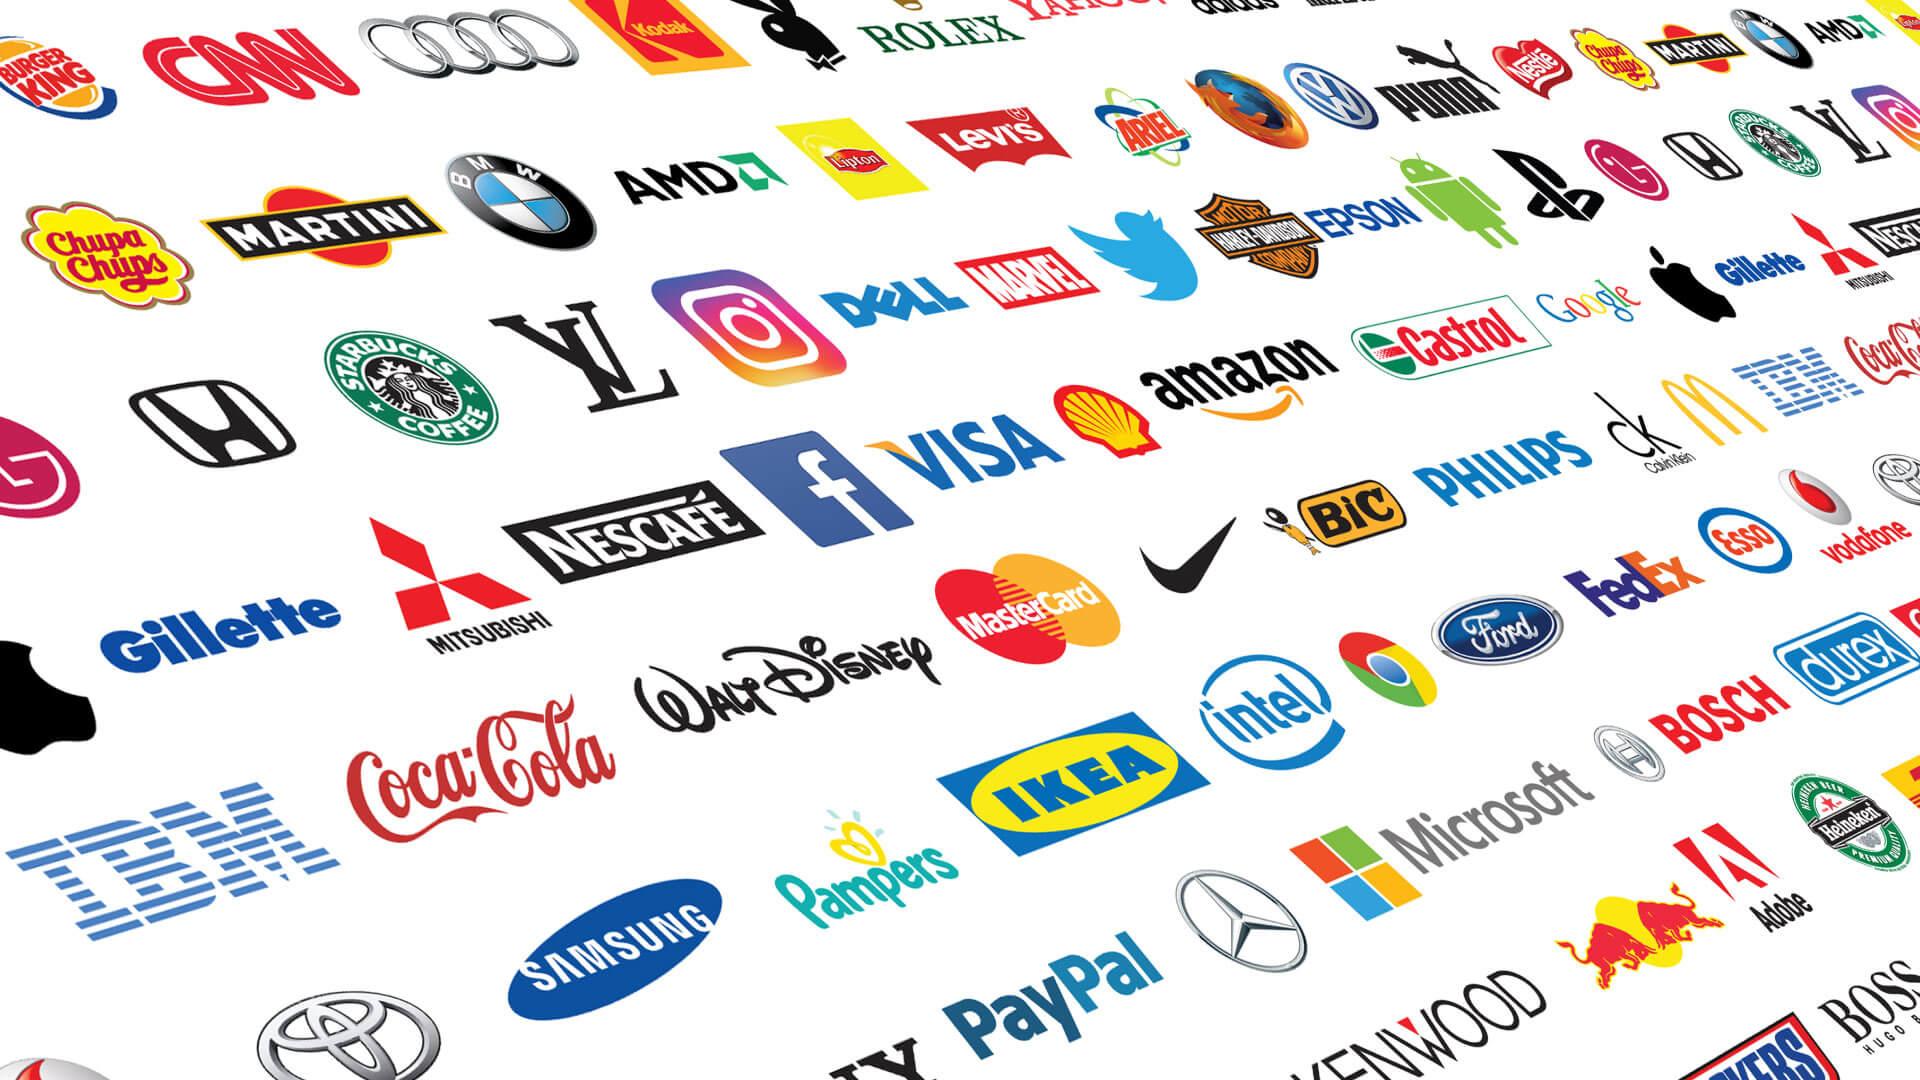 11 claves para construir una marca poderosa